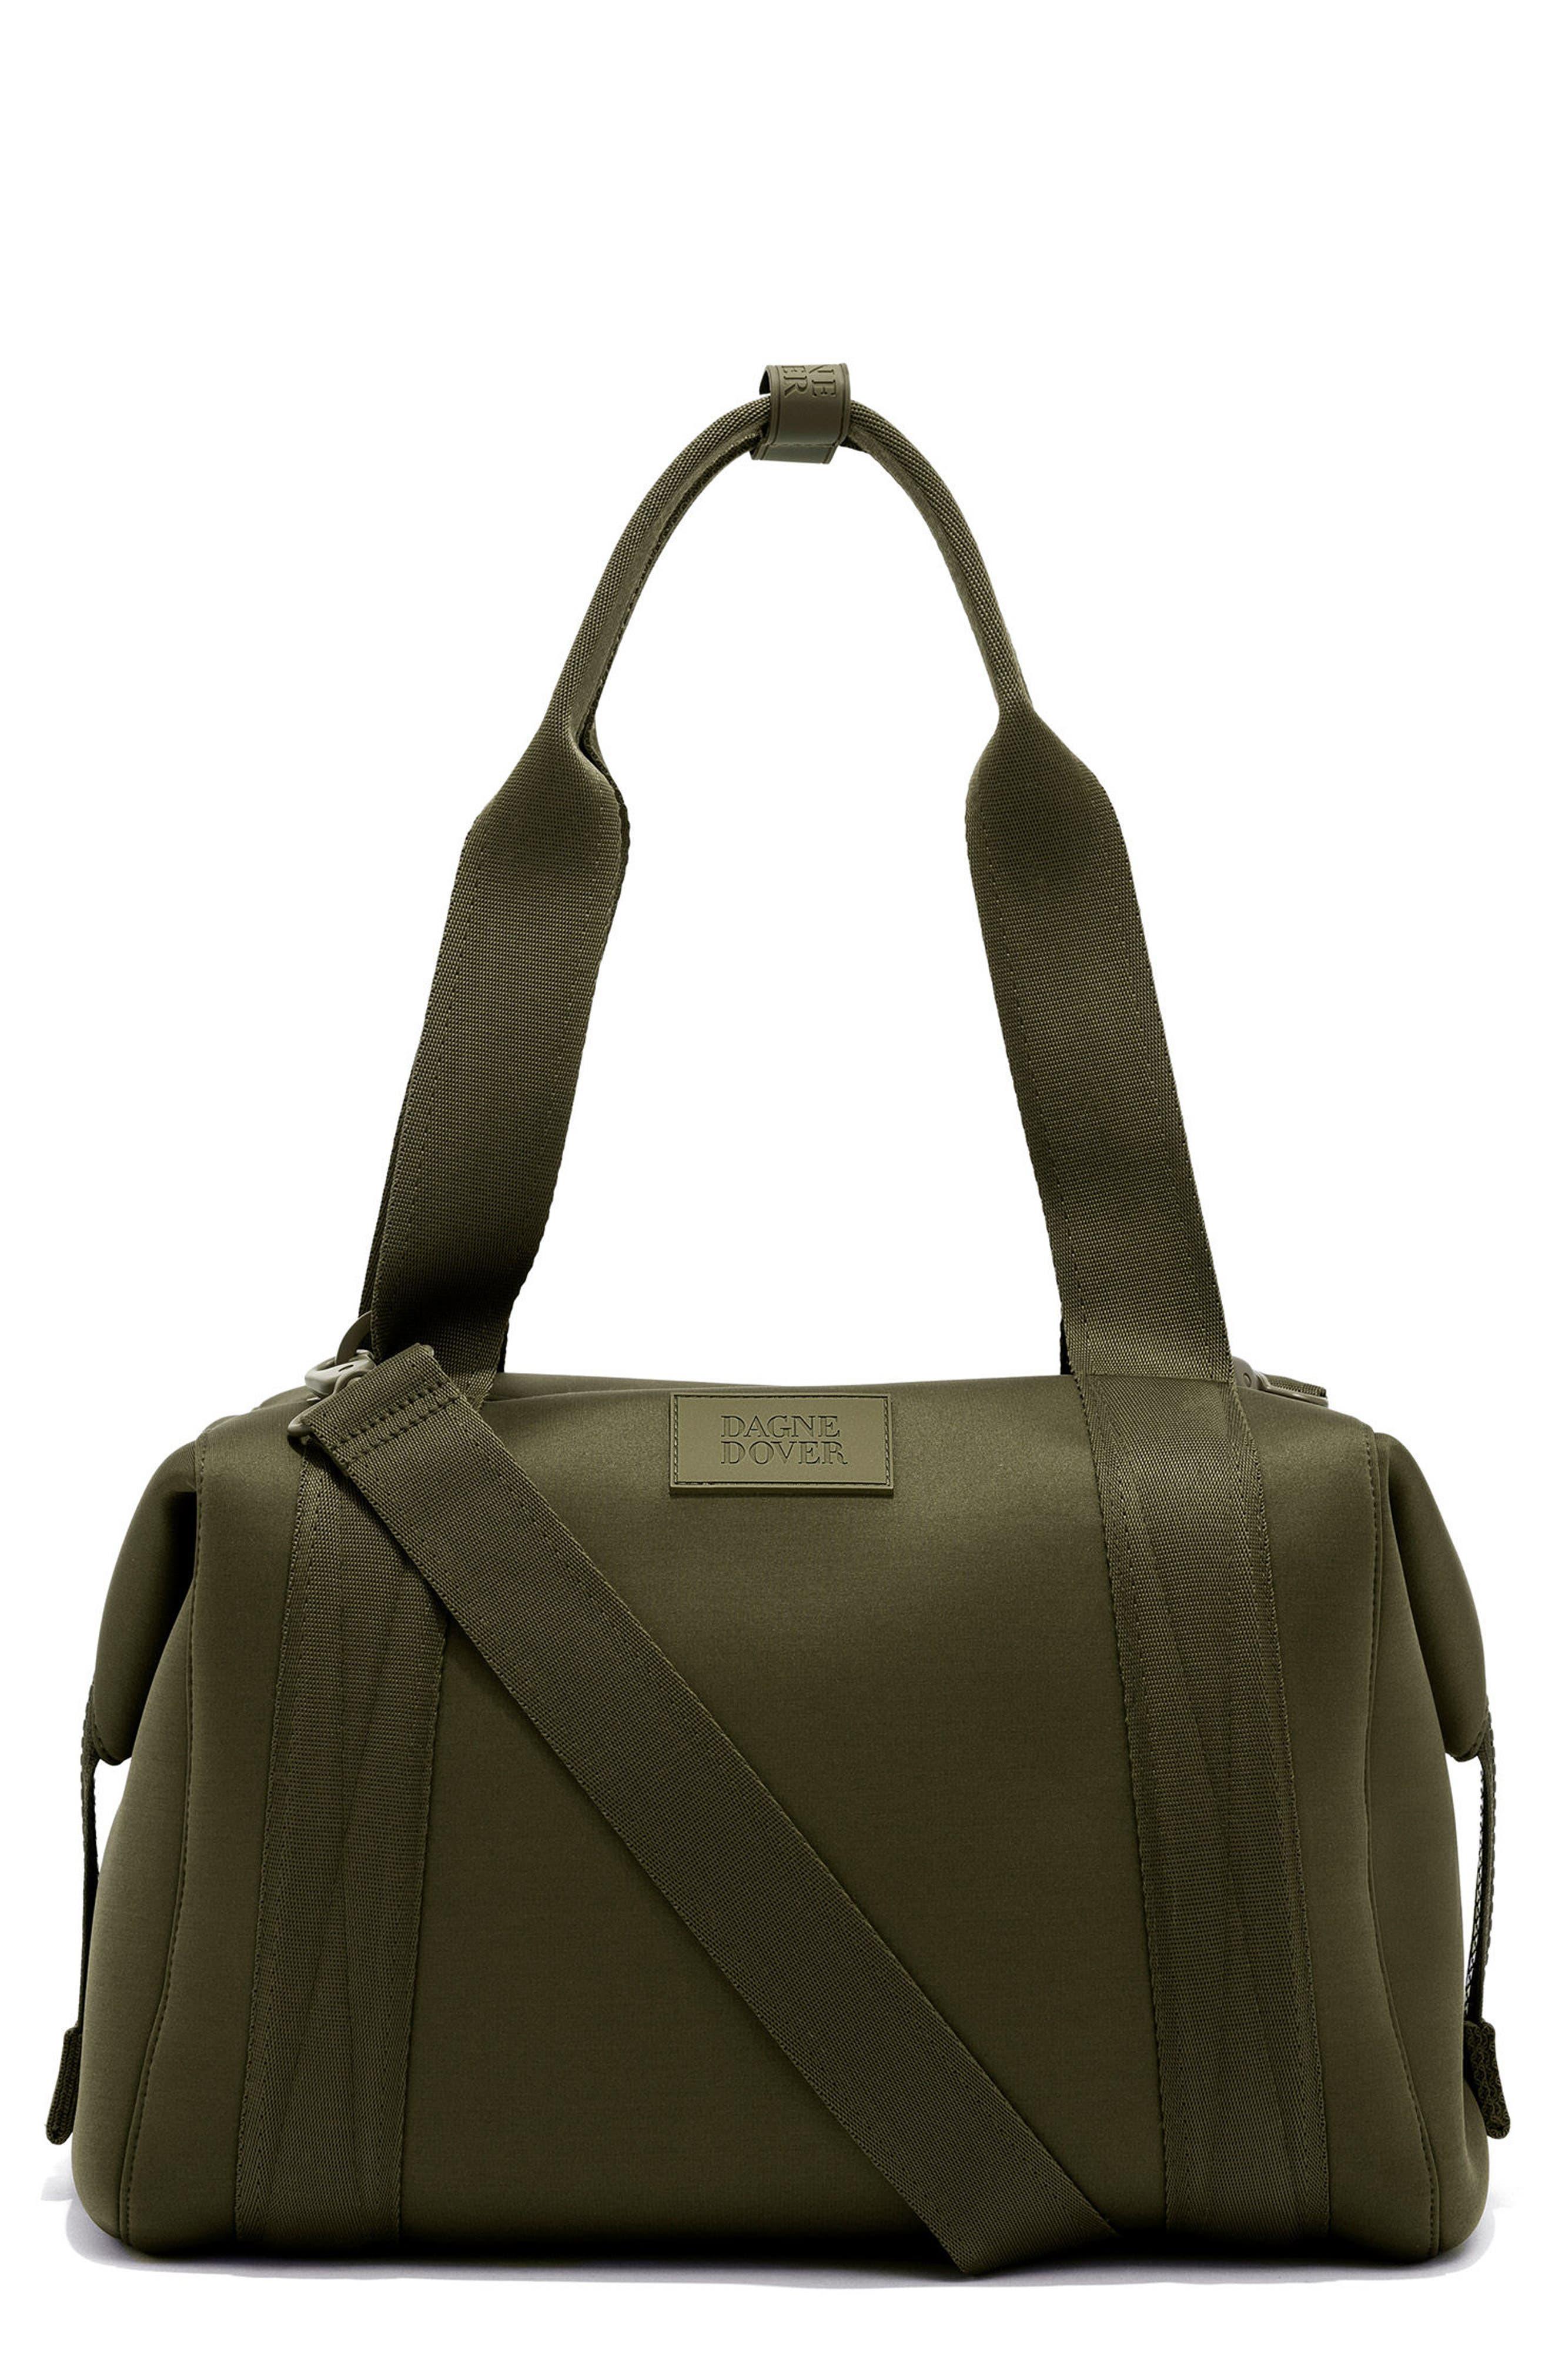 Main Image - Dagne Dover Medium Landon Neoprene Duffel Bag